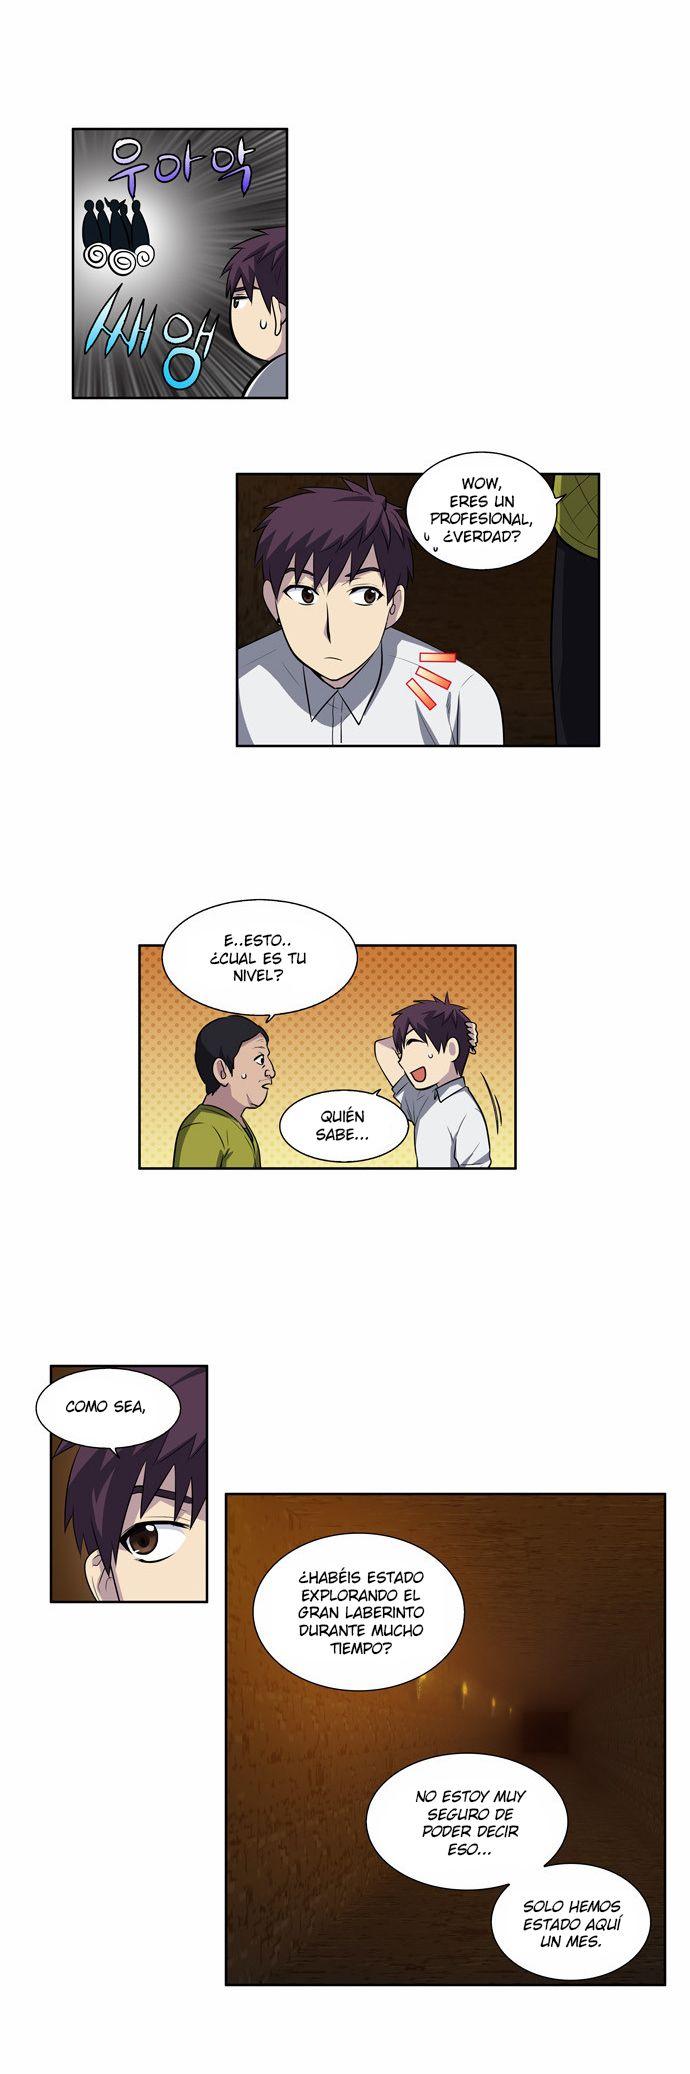 http://c5.ninemanga.com/es_manga/61/1725/482105/bdef5f8f7b9b906bf746c20fd3f24ef6.jpg Page 5